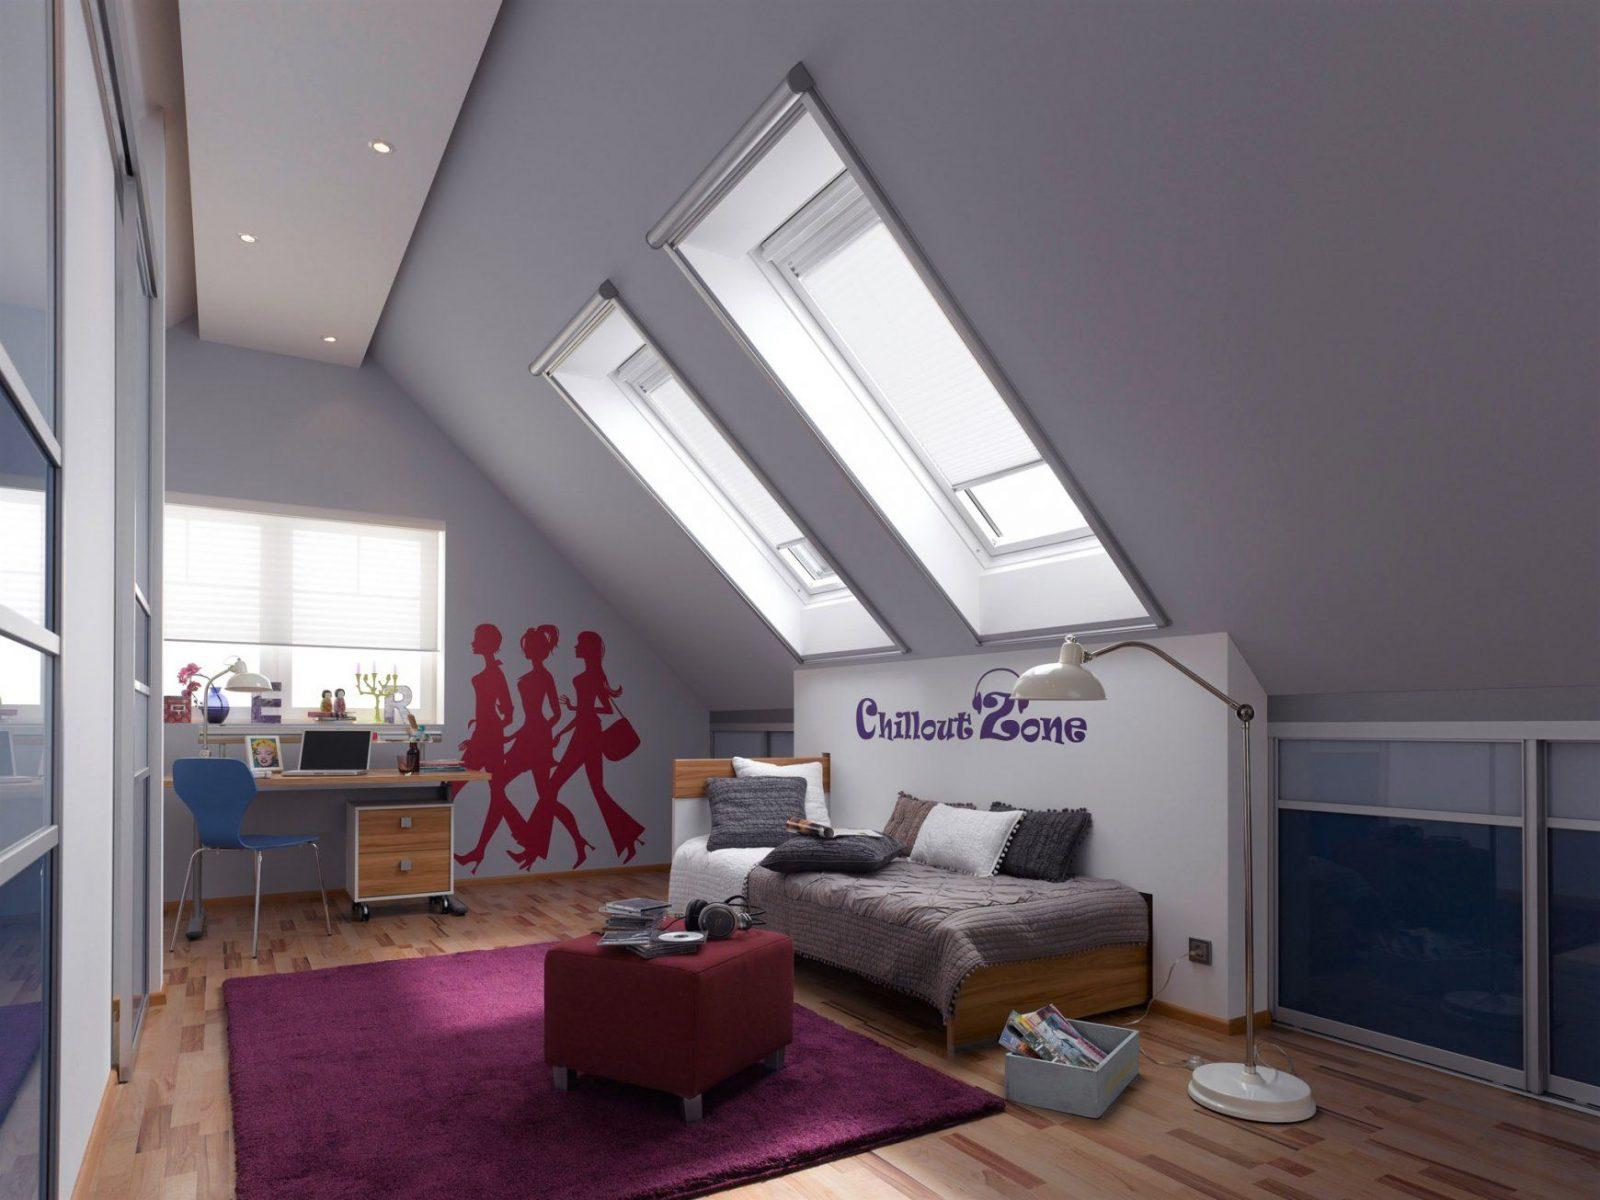 Inspiring Ideas Kinderzimmer Gestalten Junge Mit Dachschräge  Home von Kinderzimmer Gestalten Junge Mit Dachschräge Photo